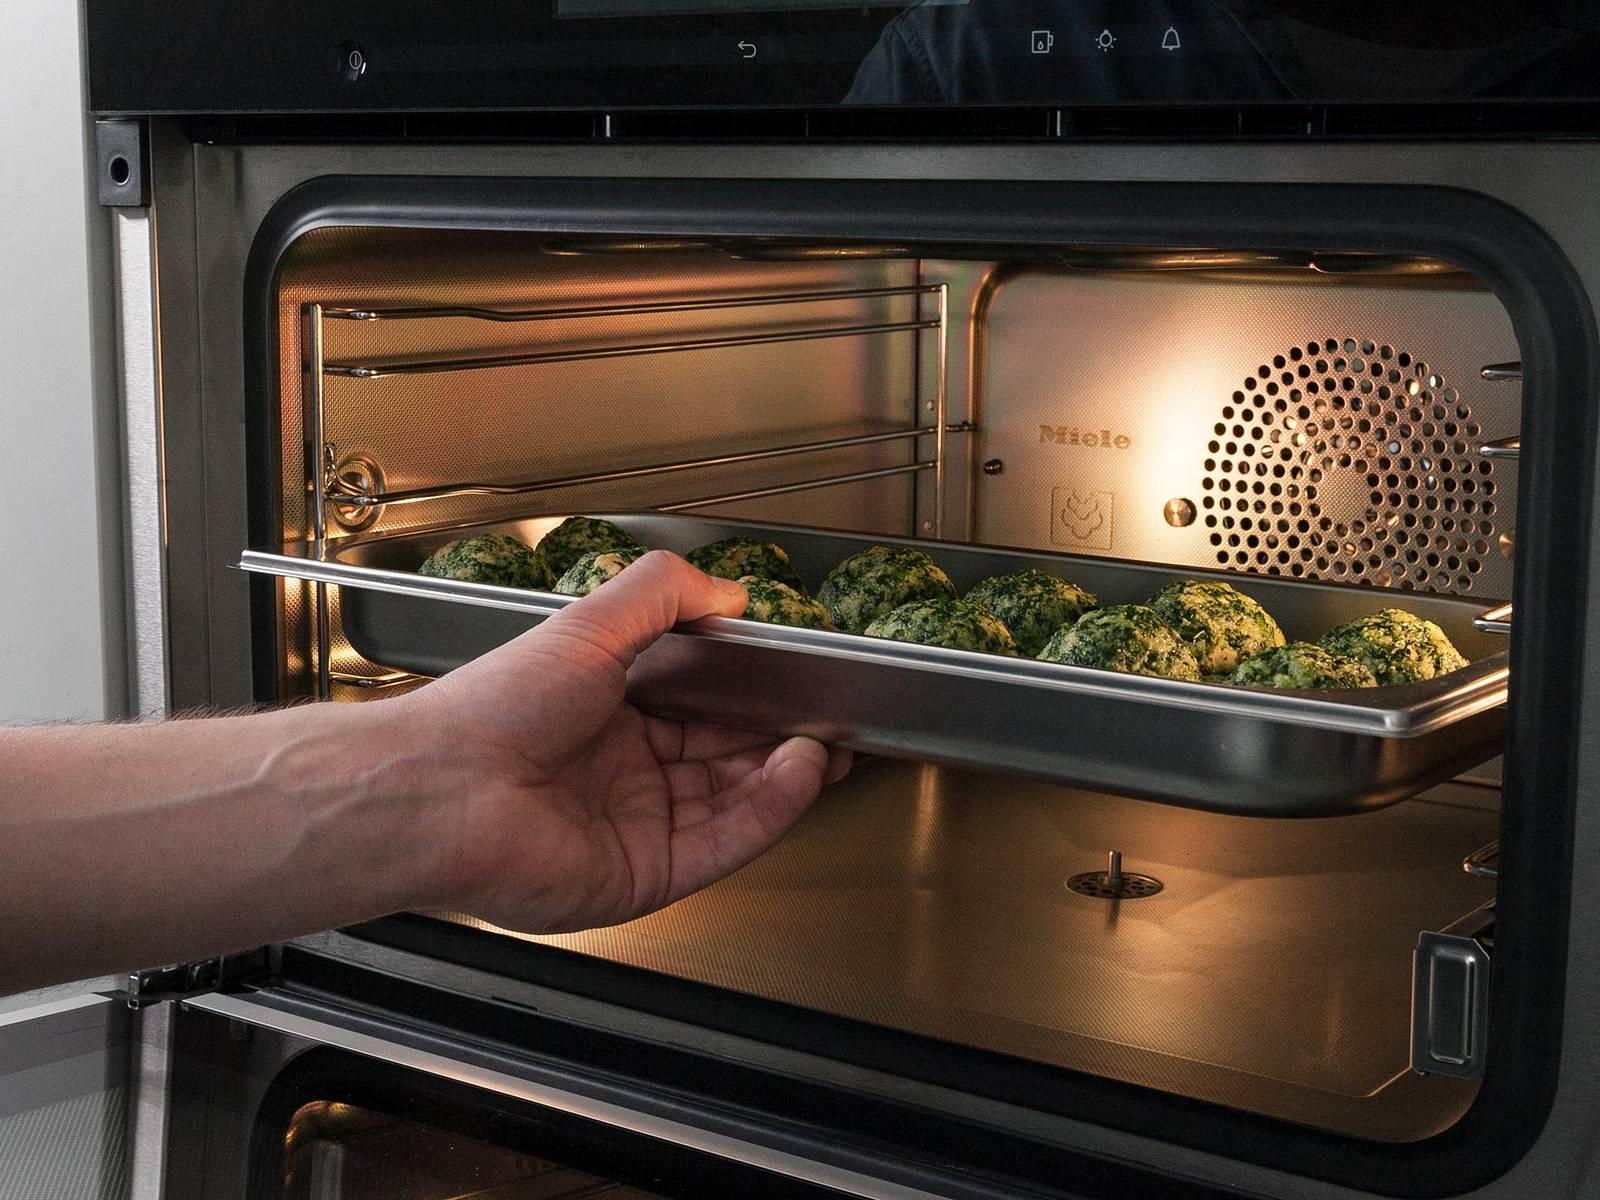 用黄油润滑蒸煮容器。沾湿双手,从面团中捏出等大圆球,放到蒸煮容器中,以100℃蒸12分钟。